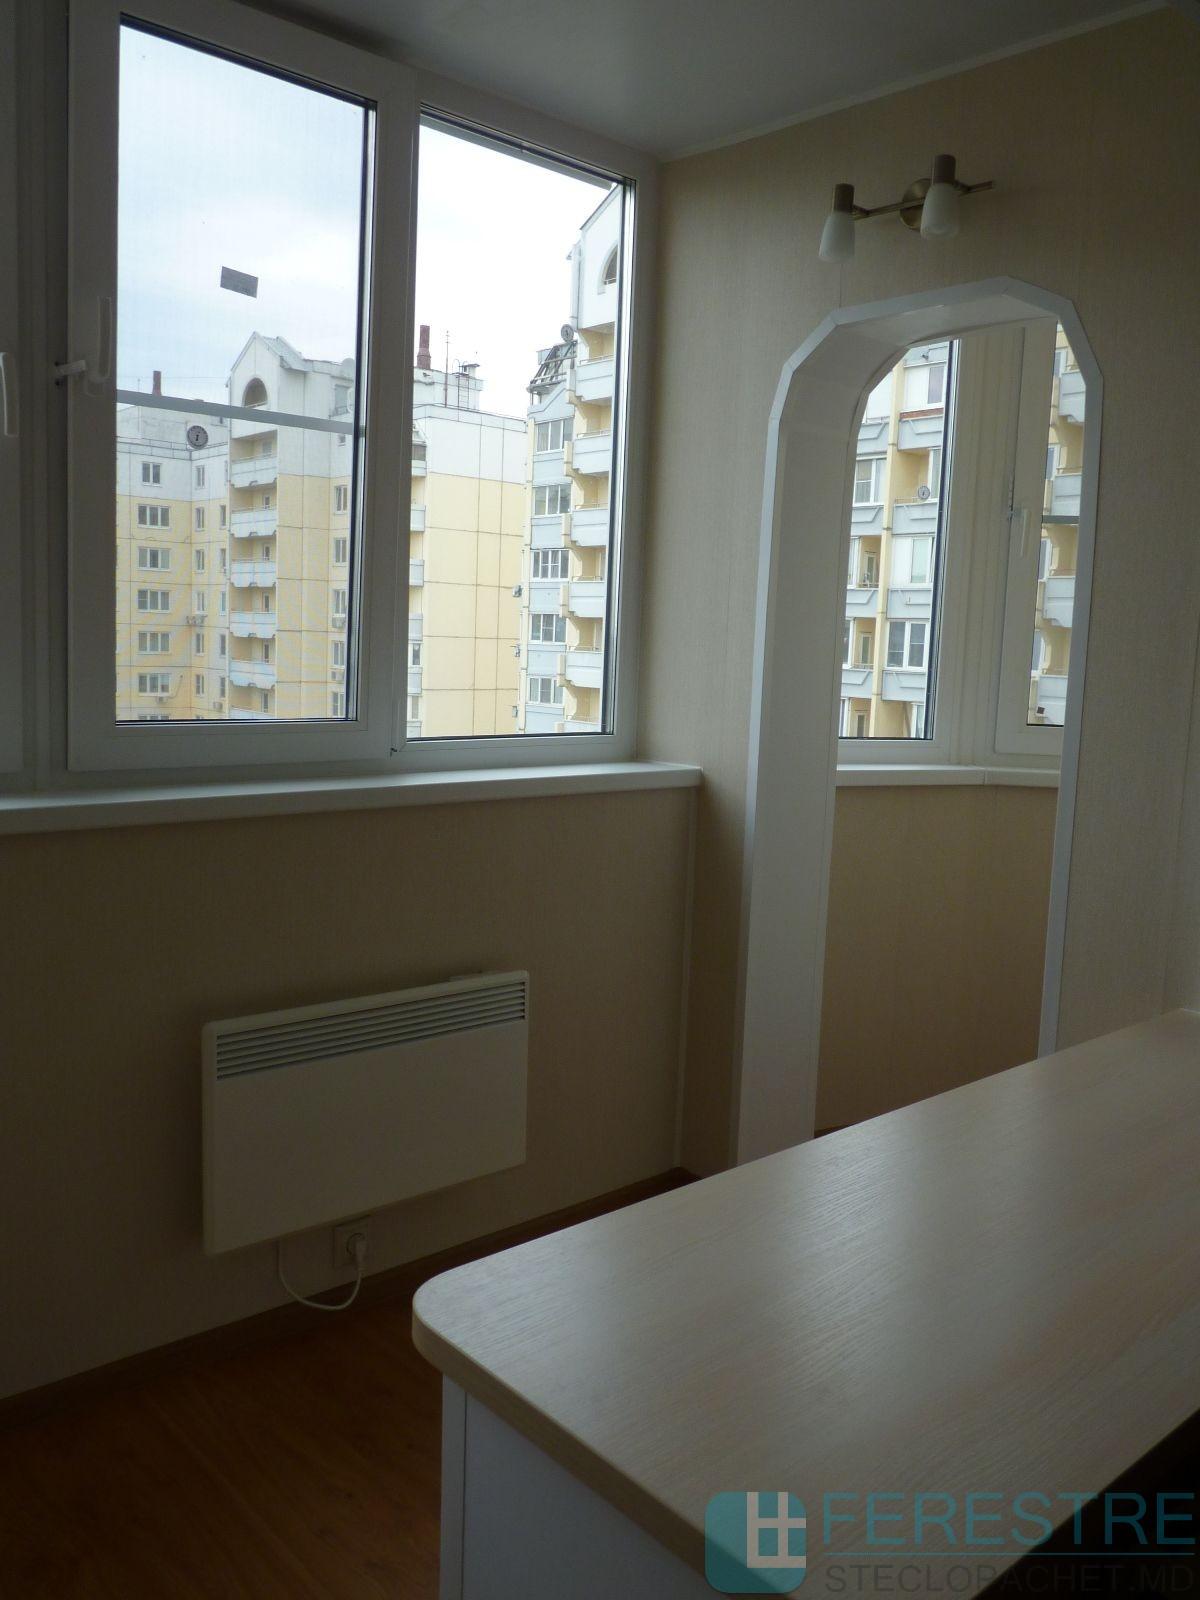 Преимущества остекления балконов, Молдова Кишинев